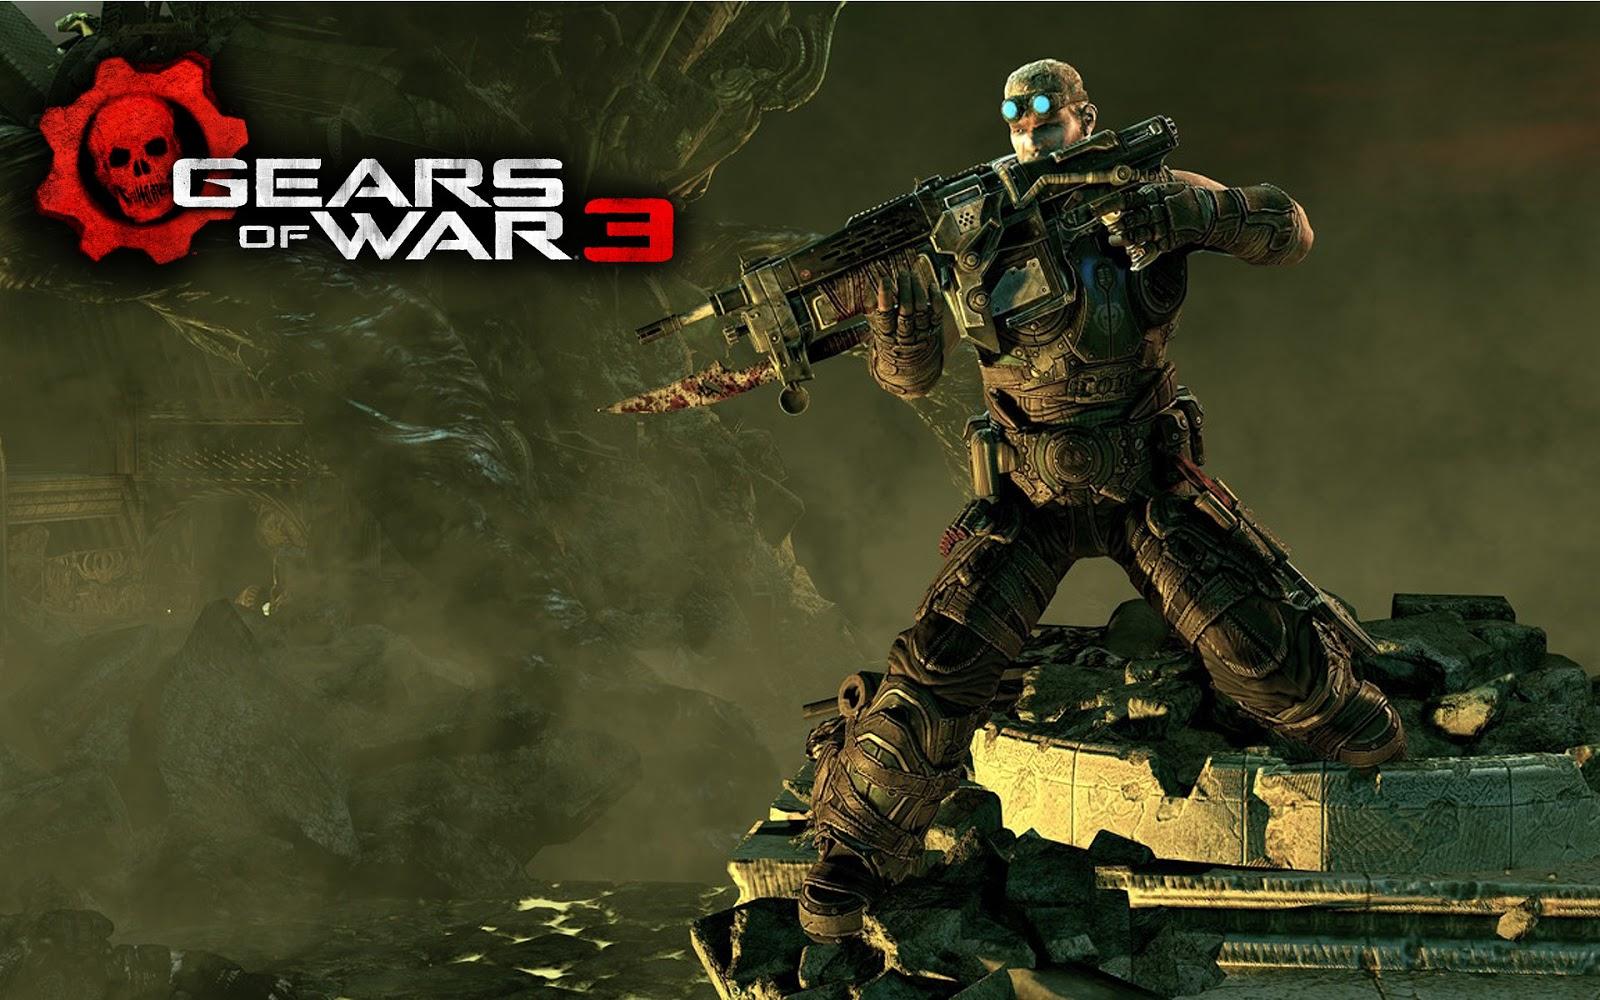 Gears Of Wars 3 Wallpaper: Vitacora De Imagenes D.A.C.: Gears Of War